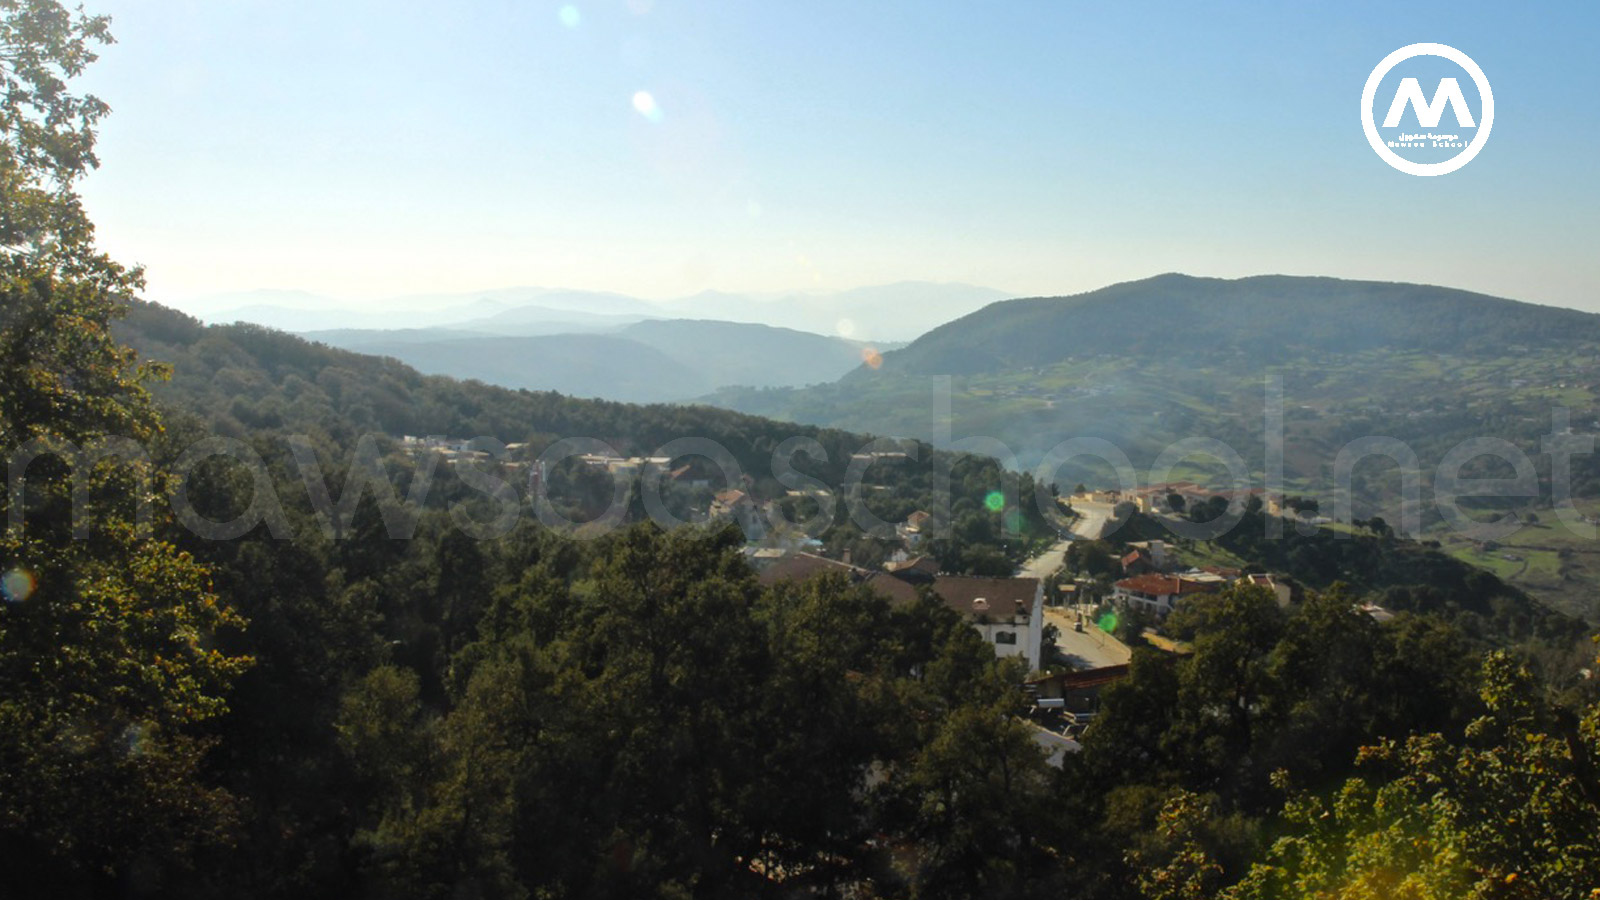 التهيئة الترابيّة بالبلاد التونسية – جغرافيا - الثالثة آداب واقتصاد وتصرف